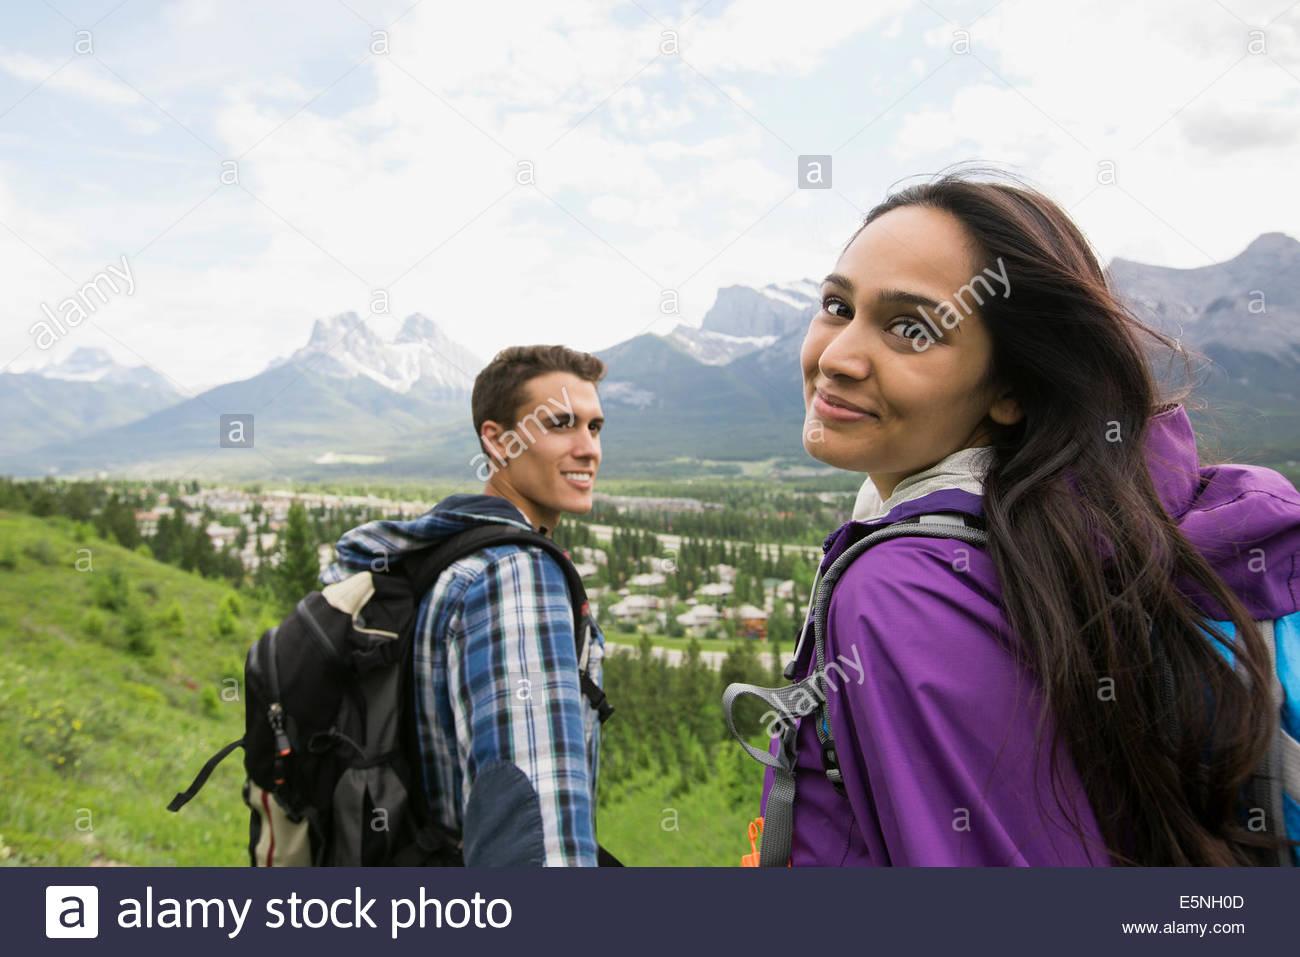 Pareja con mochilas senderismo cerca de las montañas Imagen De Stock